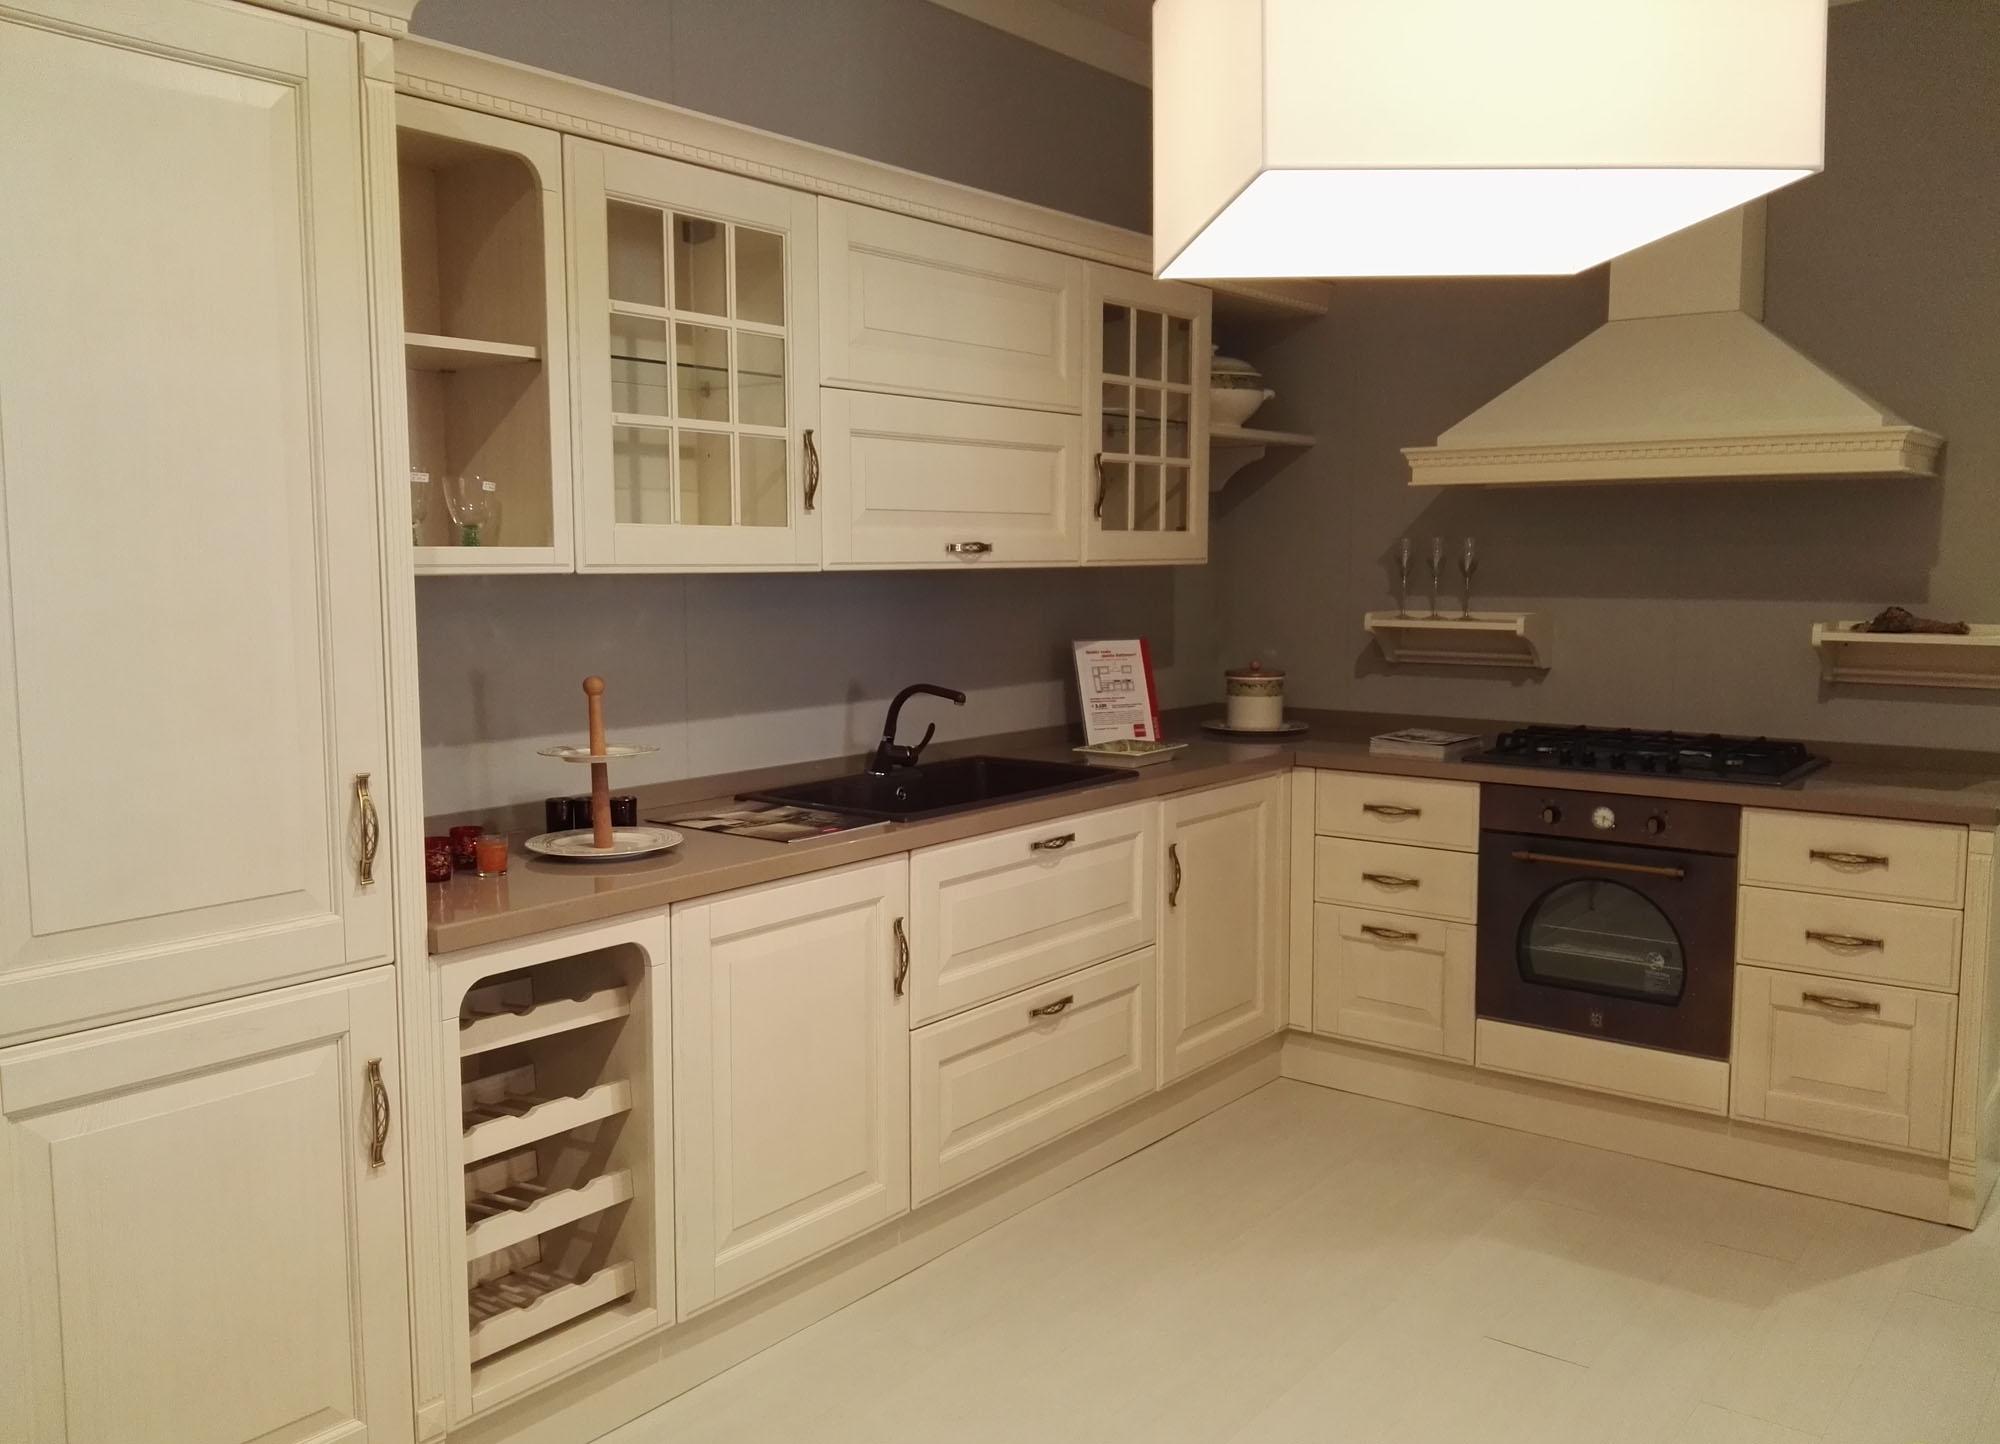 Cucina scavolini baltimora scontato del 40 cucine a prezzi scontati - Cucina scavolini baltimora ...